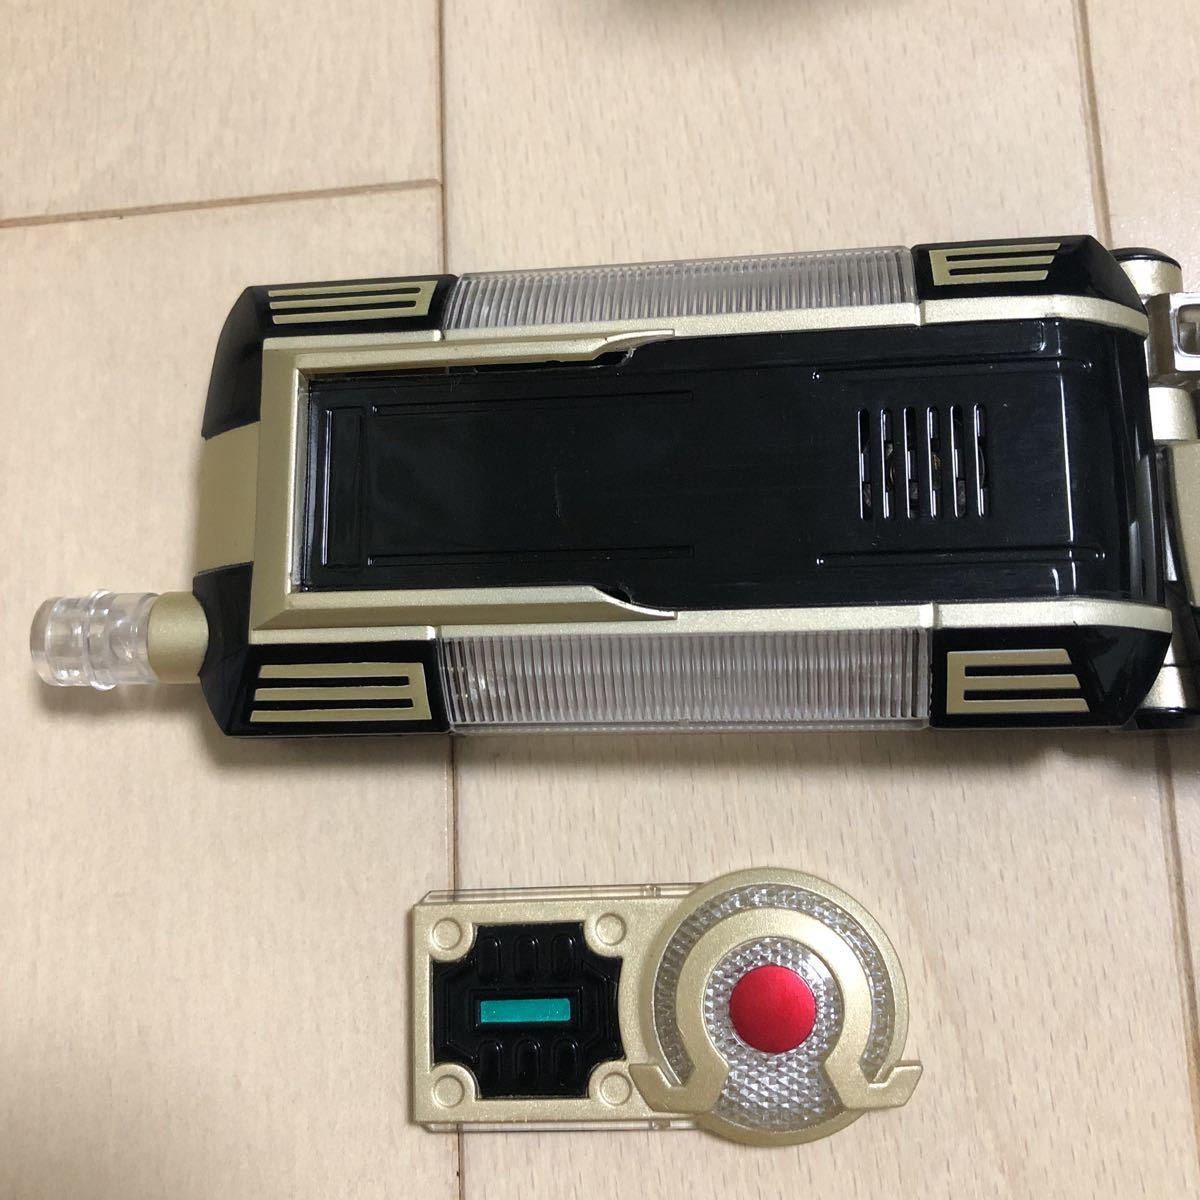 仮面ライダーファイズ 変身ベルト DXオーガドライバー トイザらス限定 555 バンダイ_画像8